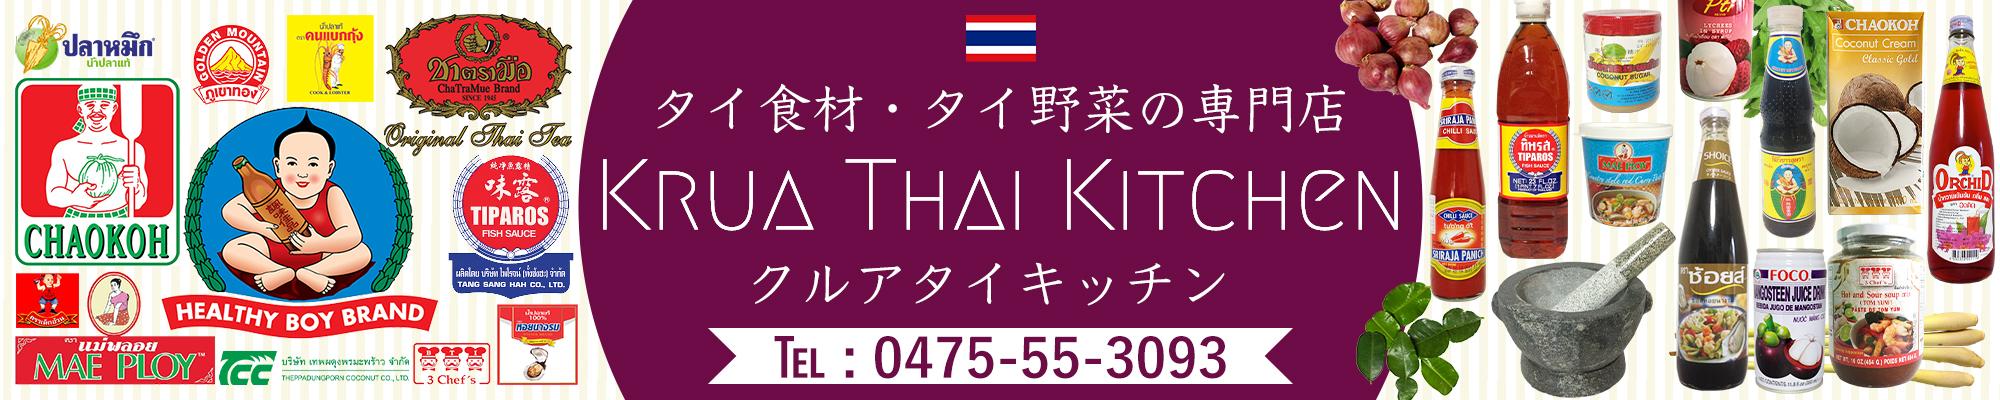 タイ食材・タイ野菜の専門店クルア